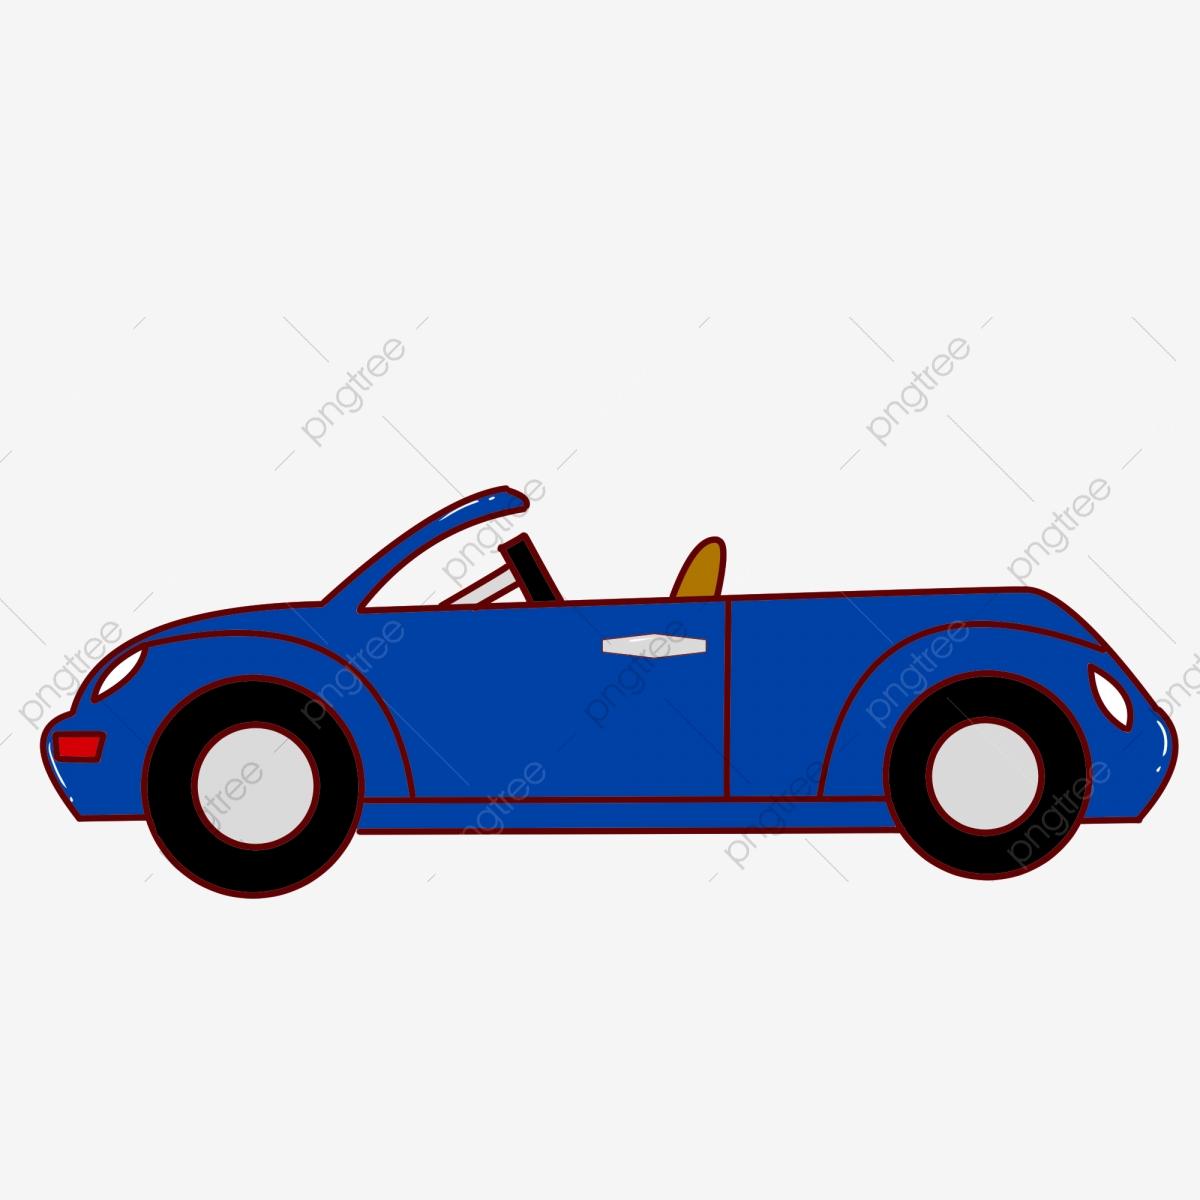 Coche Azul Coche Dibujado A Mano Coche De Dibujos Animados Hermoso.